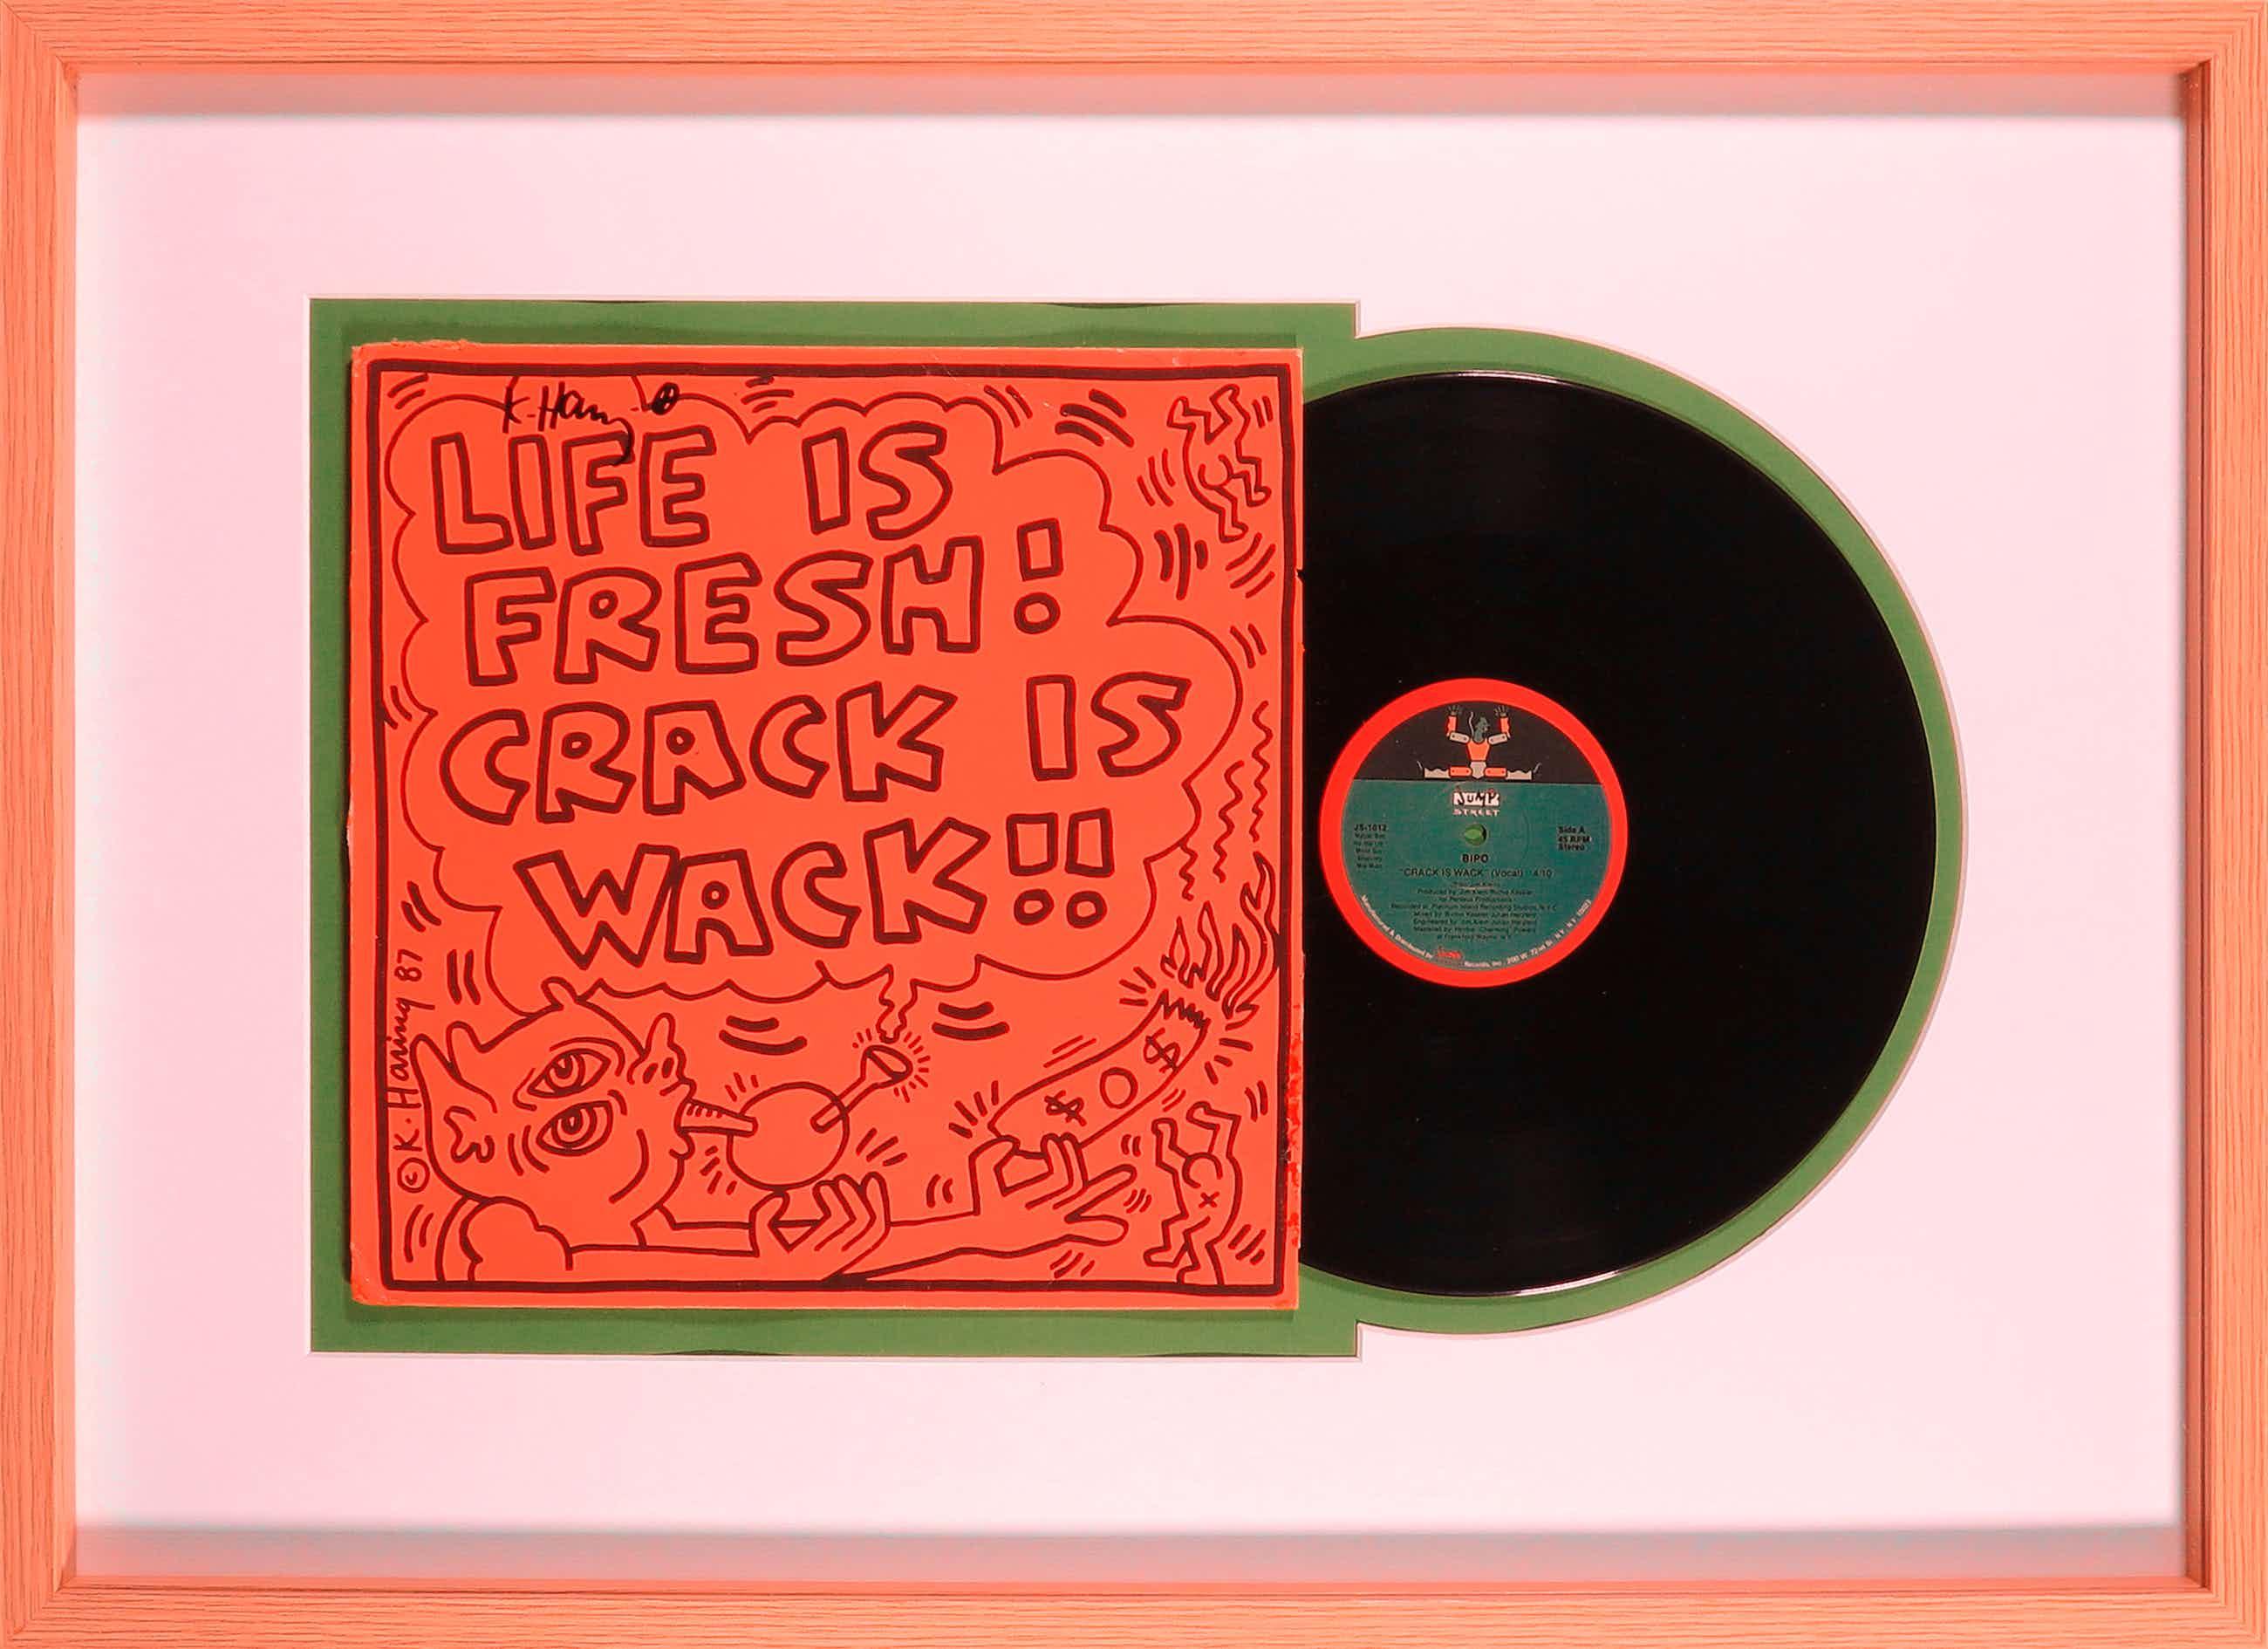 Keith Haring - Handgesigneerd album: Bipo - Crack is Wack!! - Ingelijst kopen? Bied vanaf 591!